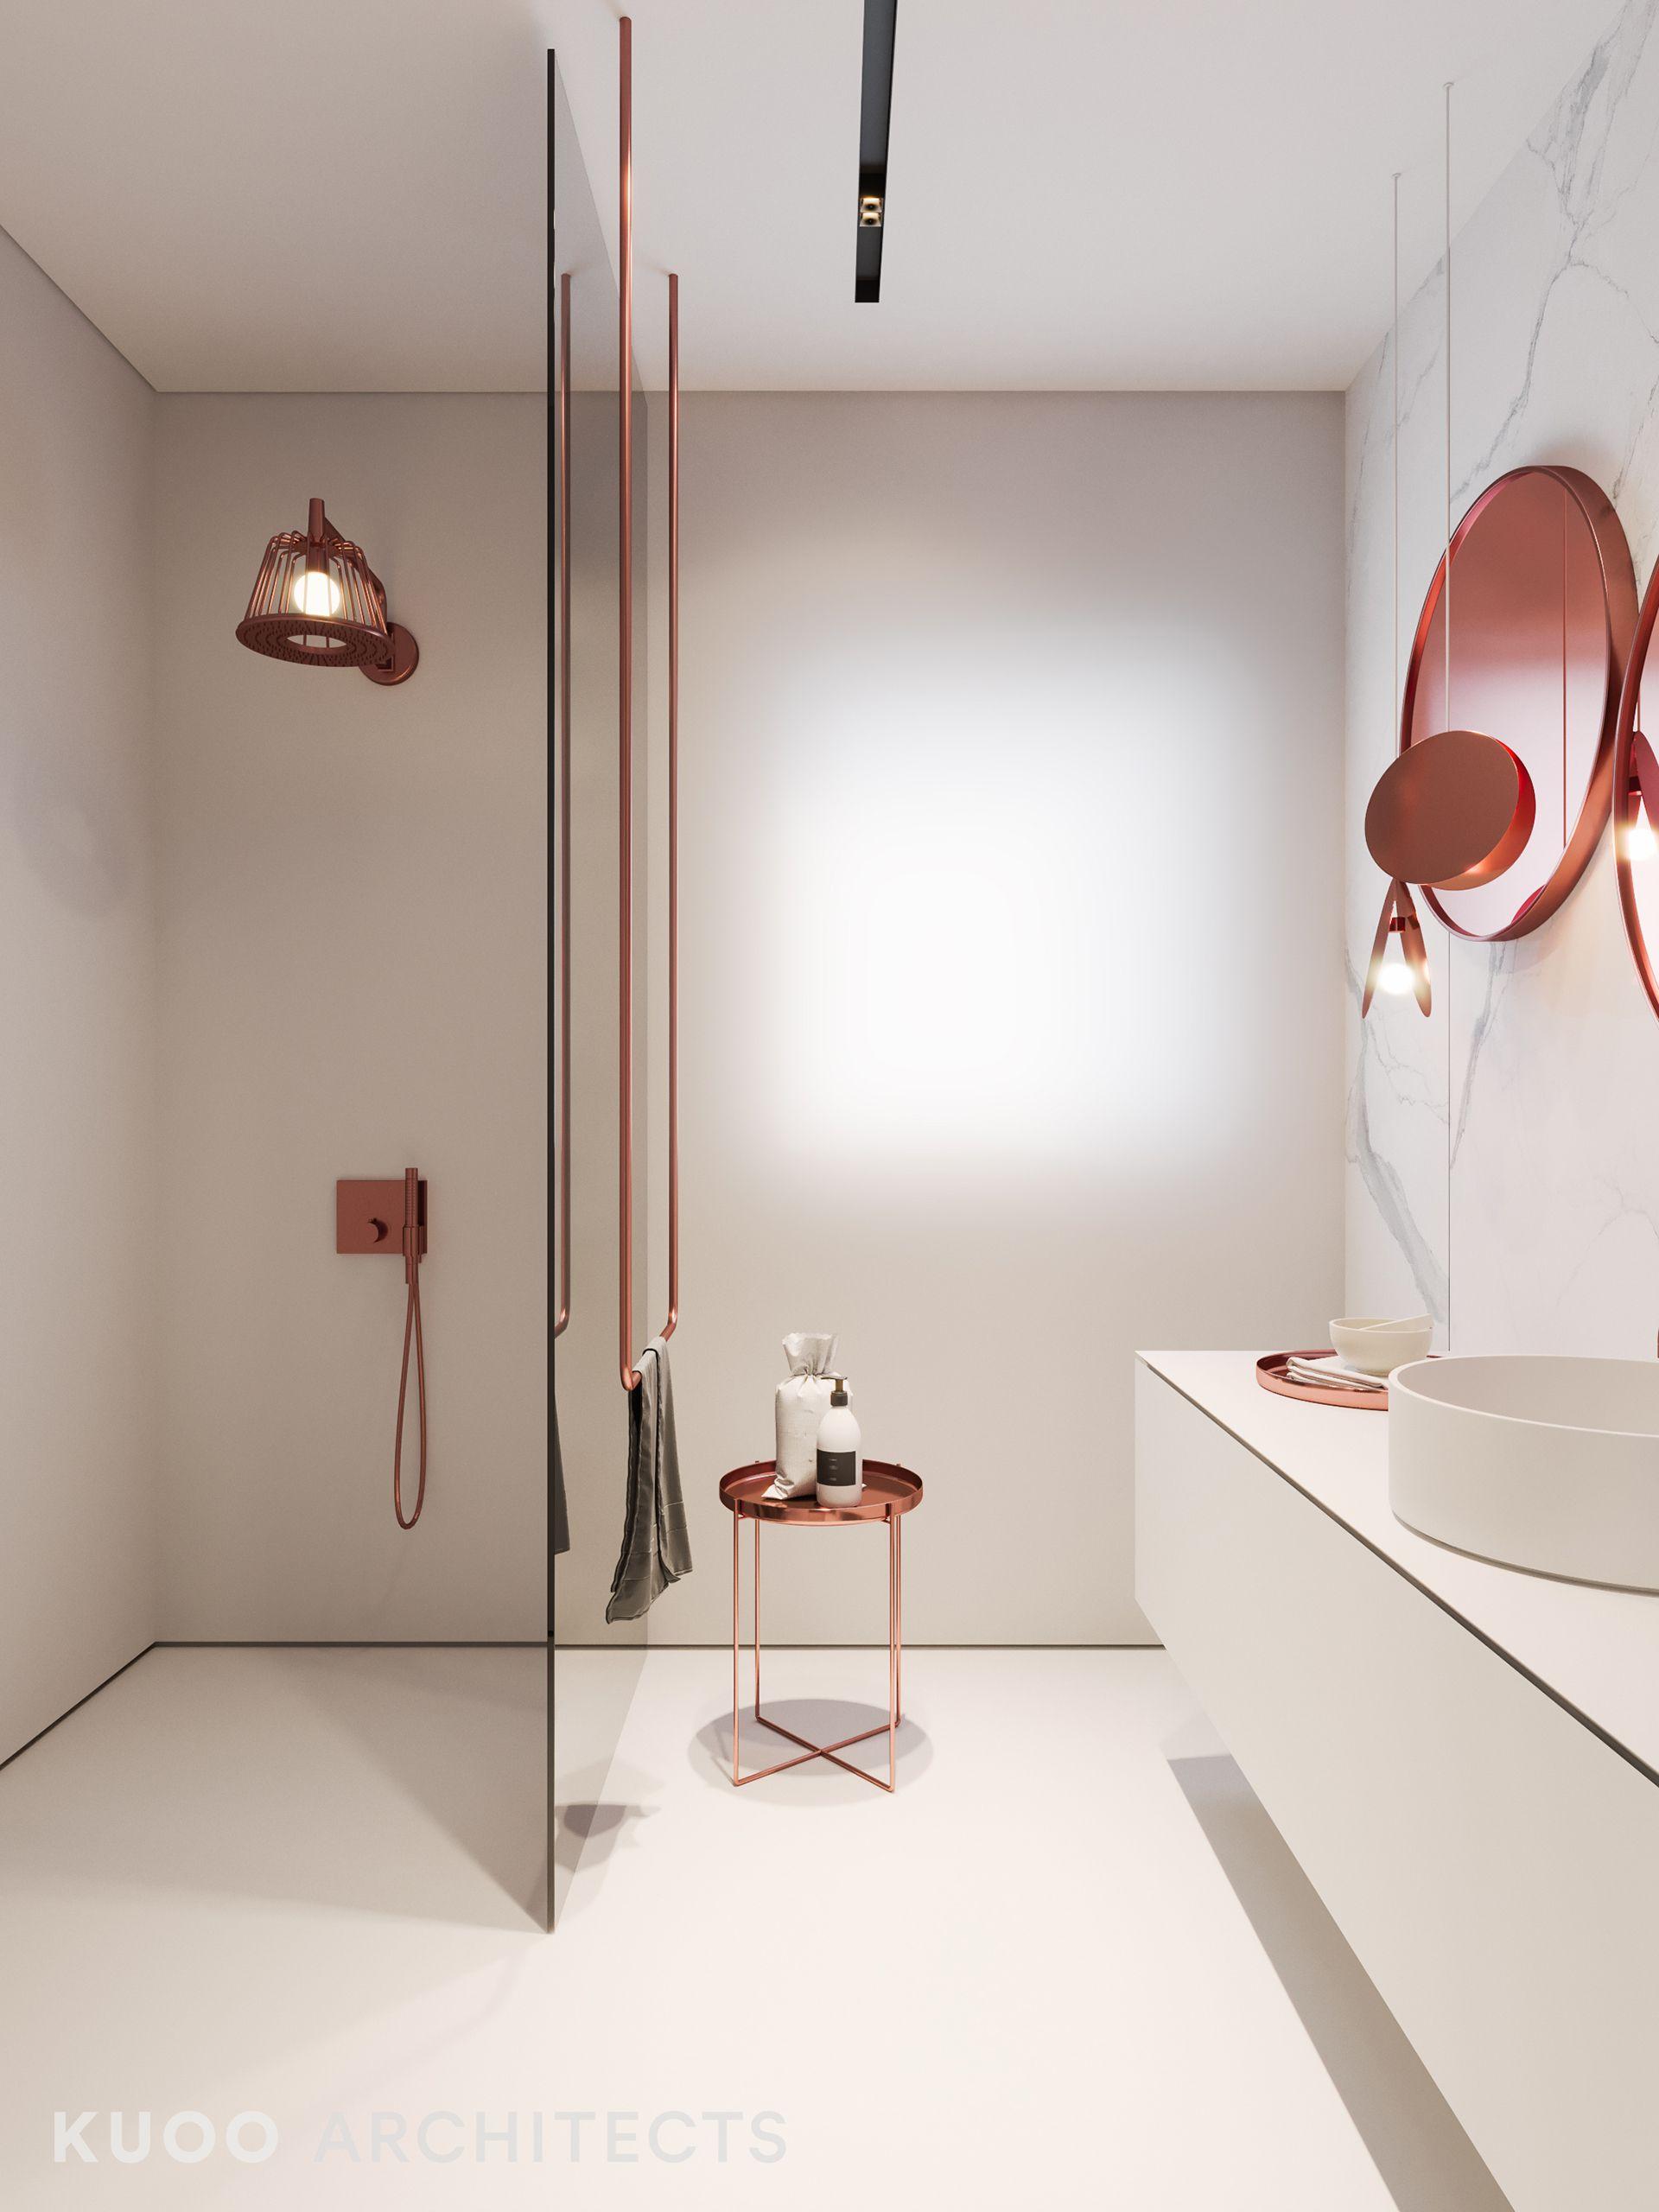 les parois qui vont jusqu'au plafond, nouvelle tendance de la salle on bathroom tile ideas, bathroom cabinet designs, bathroom makeover for small bathrooms, bathroom themes, bathroom design ideas, bathroom decor, bathroom decorating, bathroom cabinets for small bathrooms, hgtv small bathrooms, bathroom trends, bathroom shower designs, bathroom shower ideas for small bathrooms, bathroom designs for small spaces, interior designs for small bathrooms, bathroom color ideas, bathroom color designs, terrace designs for small bathrooms, bathroom remodeling, tile designs for bathrooms, bathroom layouts,